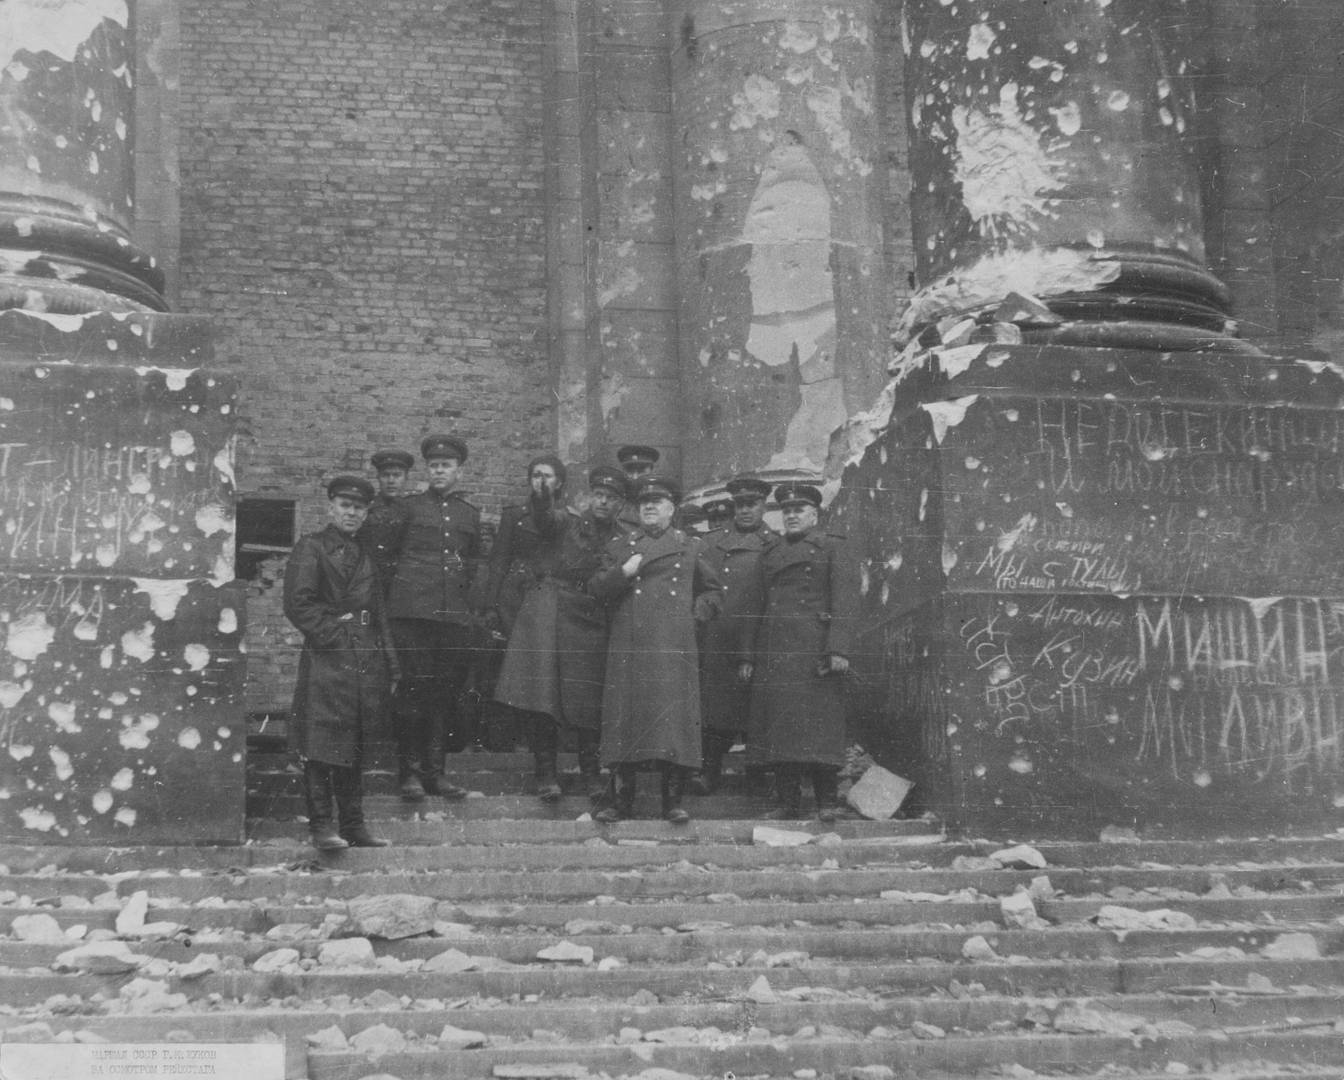 Виктор Темин. Командующий 1-м Белорусским фронтом маршал Георгий Константинович Жуков (1896—1974) c группой офицеров на ступенях Рейхстага. 3 мая 1945 г.